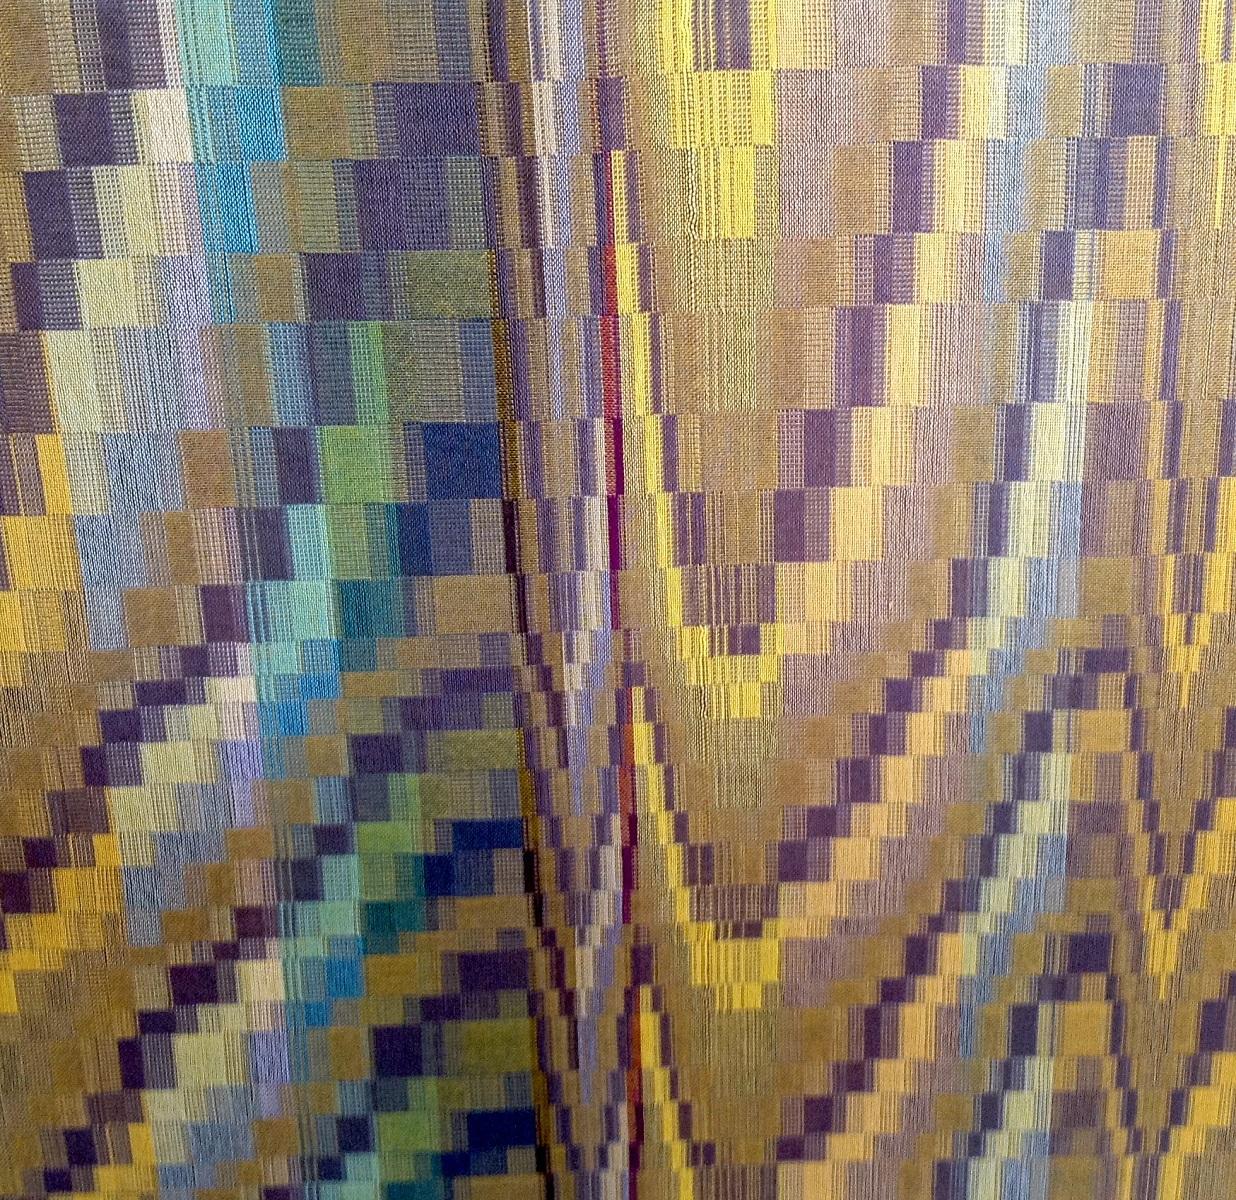 Nel Vervoorn, Bergen en dalen. Het werkstuk is een netwerkdubbelweefsel met 32 schachten geweven, uitgevoerd in veel verschillende kleuren cottolin. De inspiratie komt van een geabstraheerd schilderij.